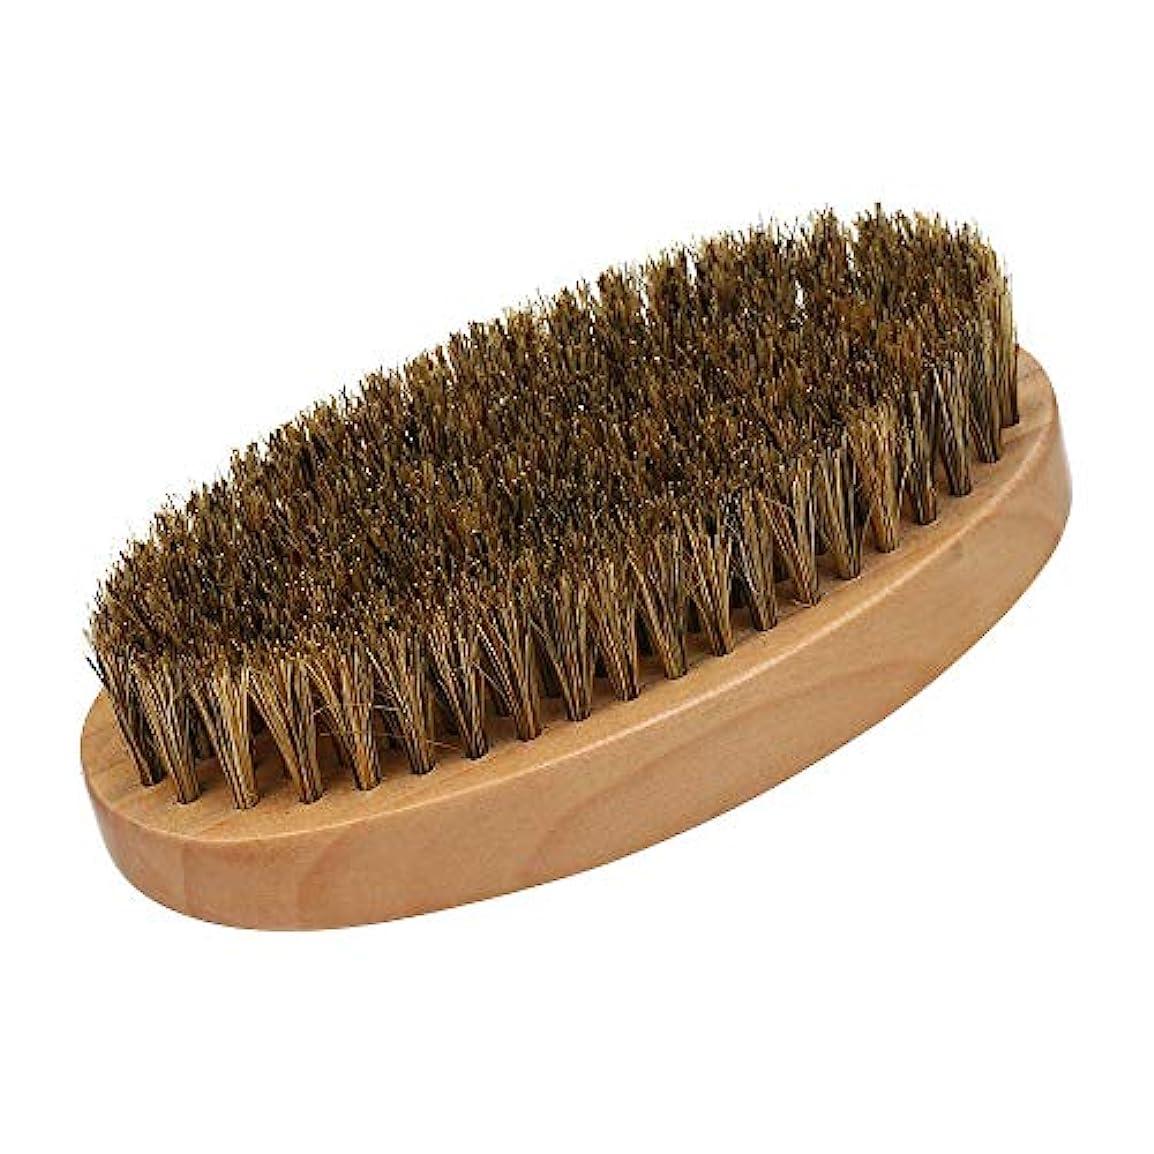 Decdeal ひげブラシ シェービング用ブラシ メンズシェービングブラシ髭剃り